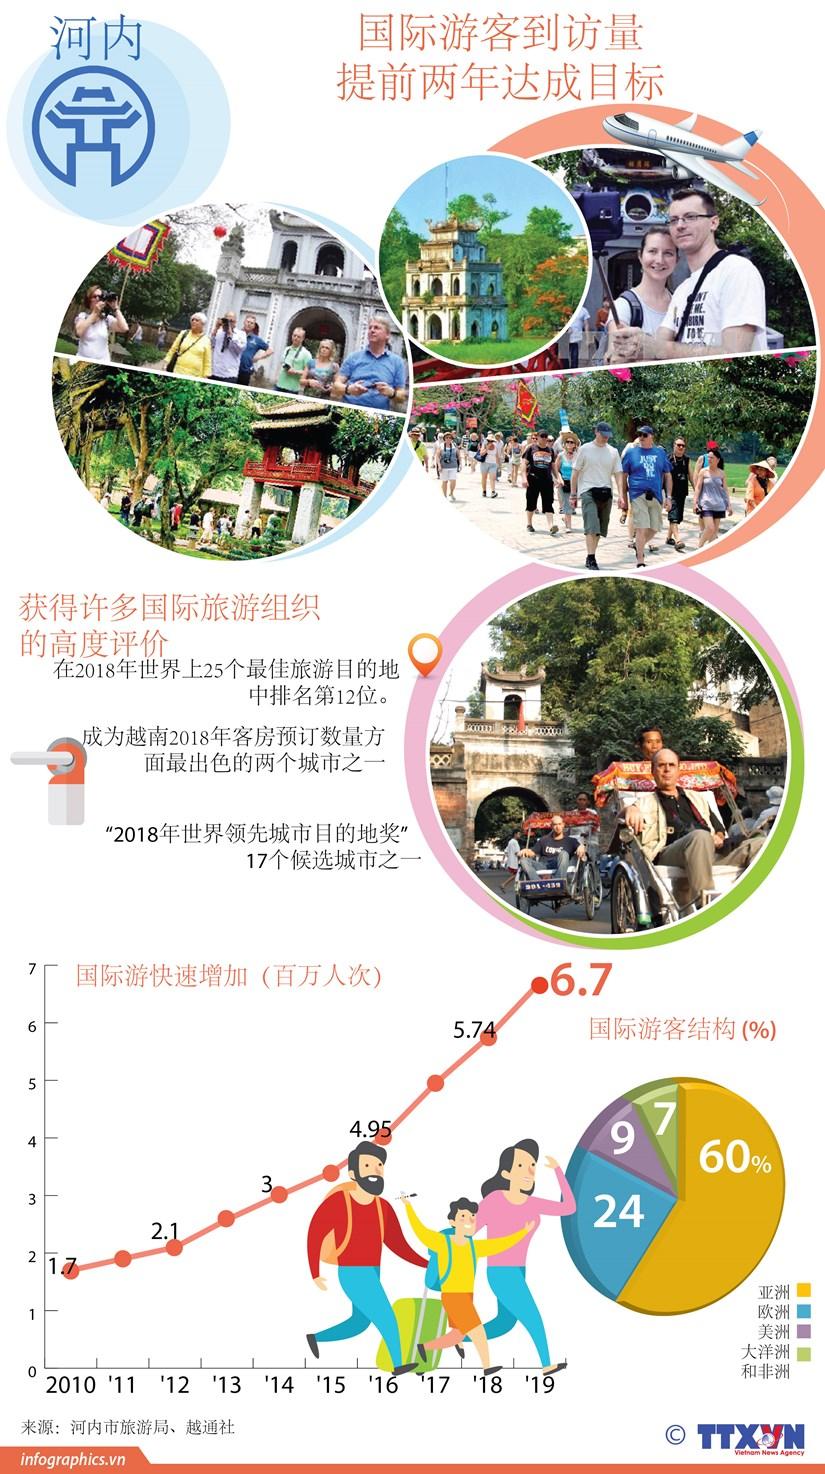 图表新闻:河内国际游客到访量提前两年达成目标 hinh anh 1